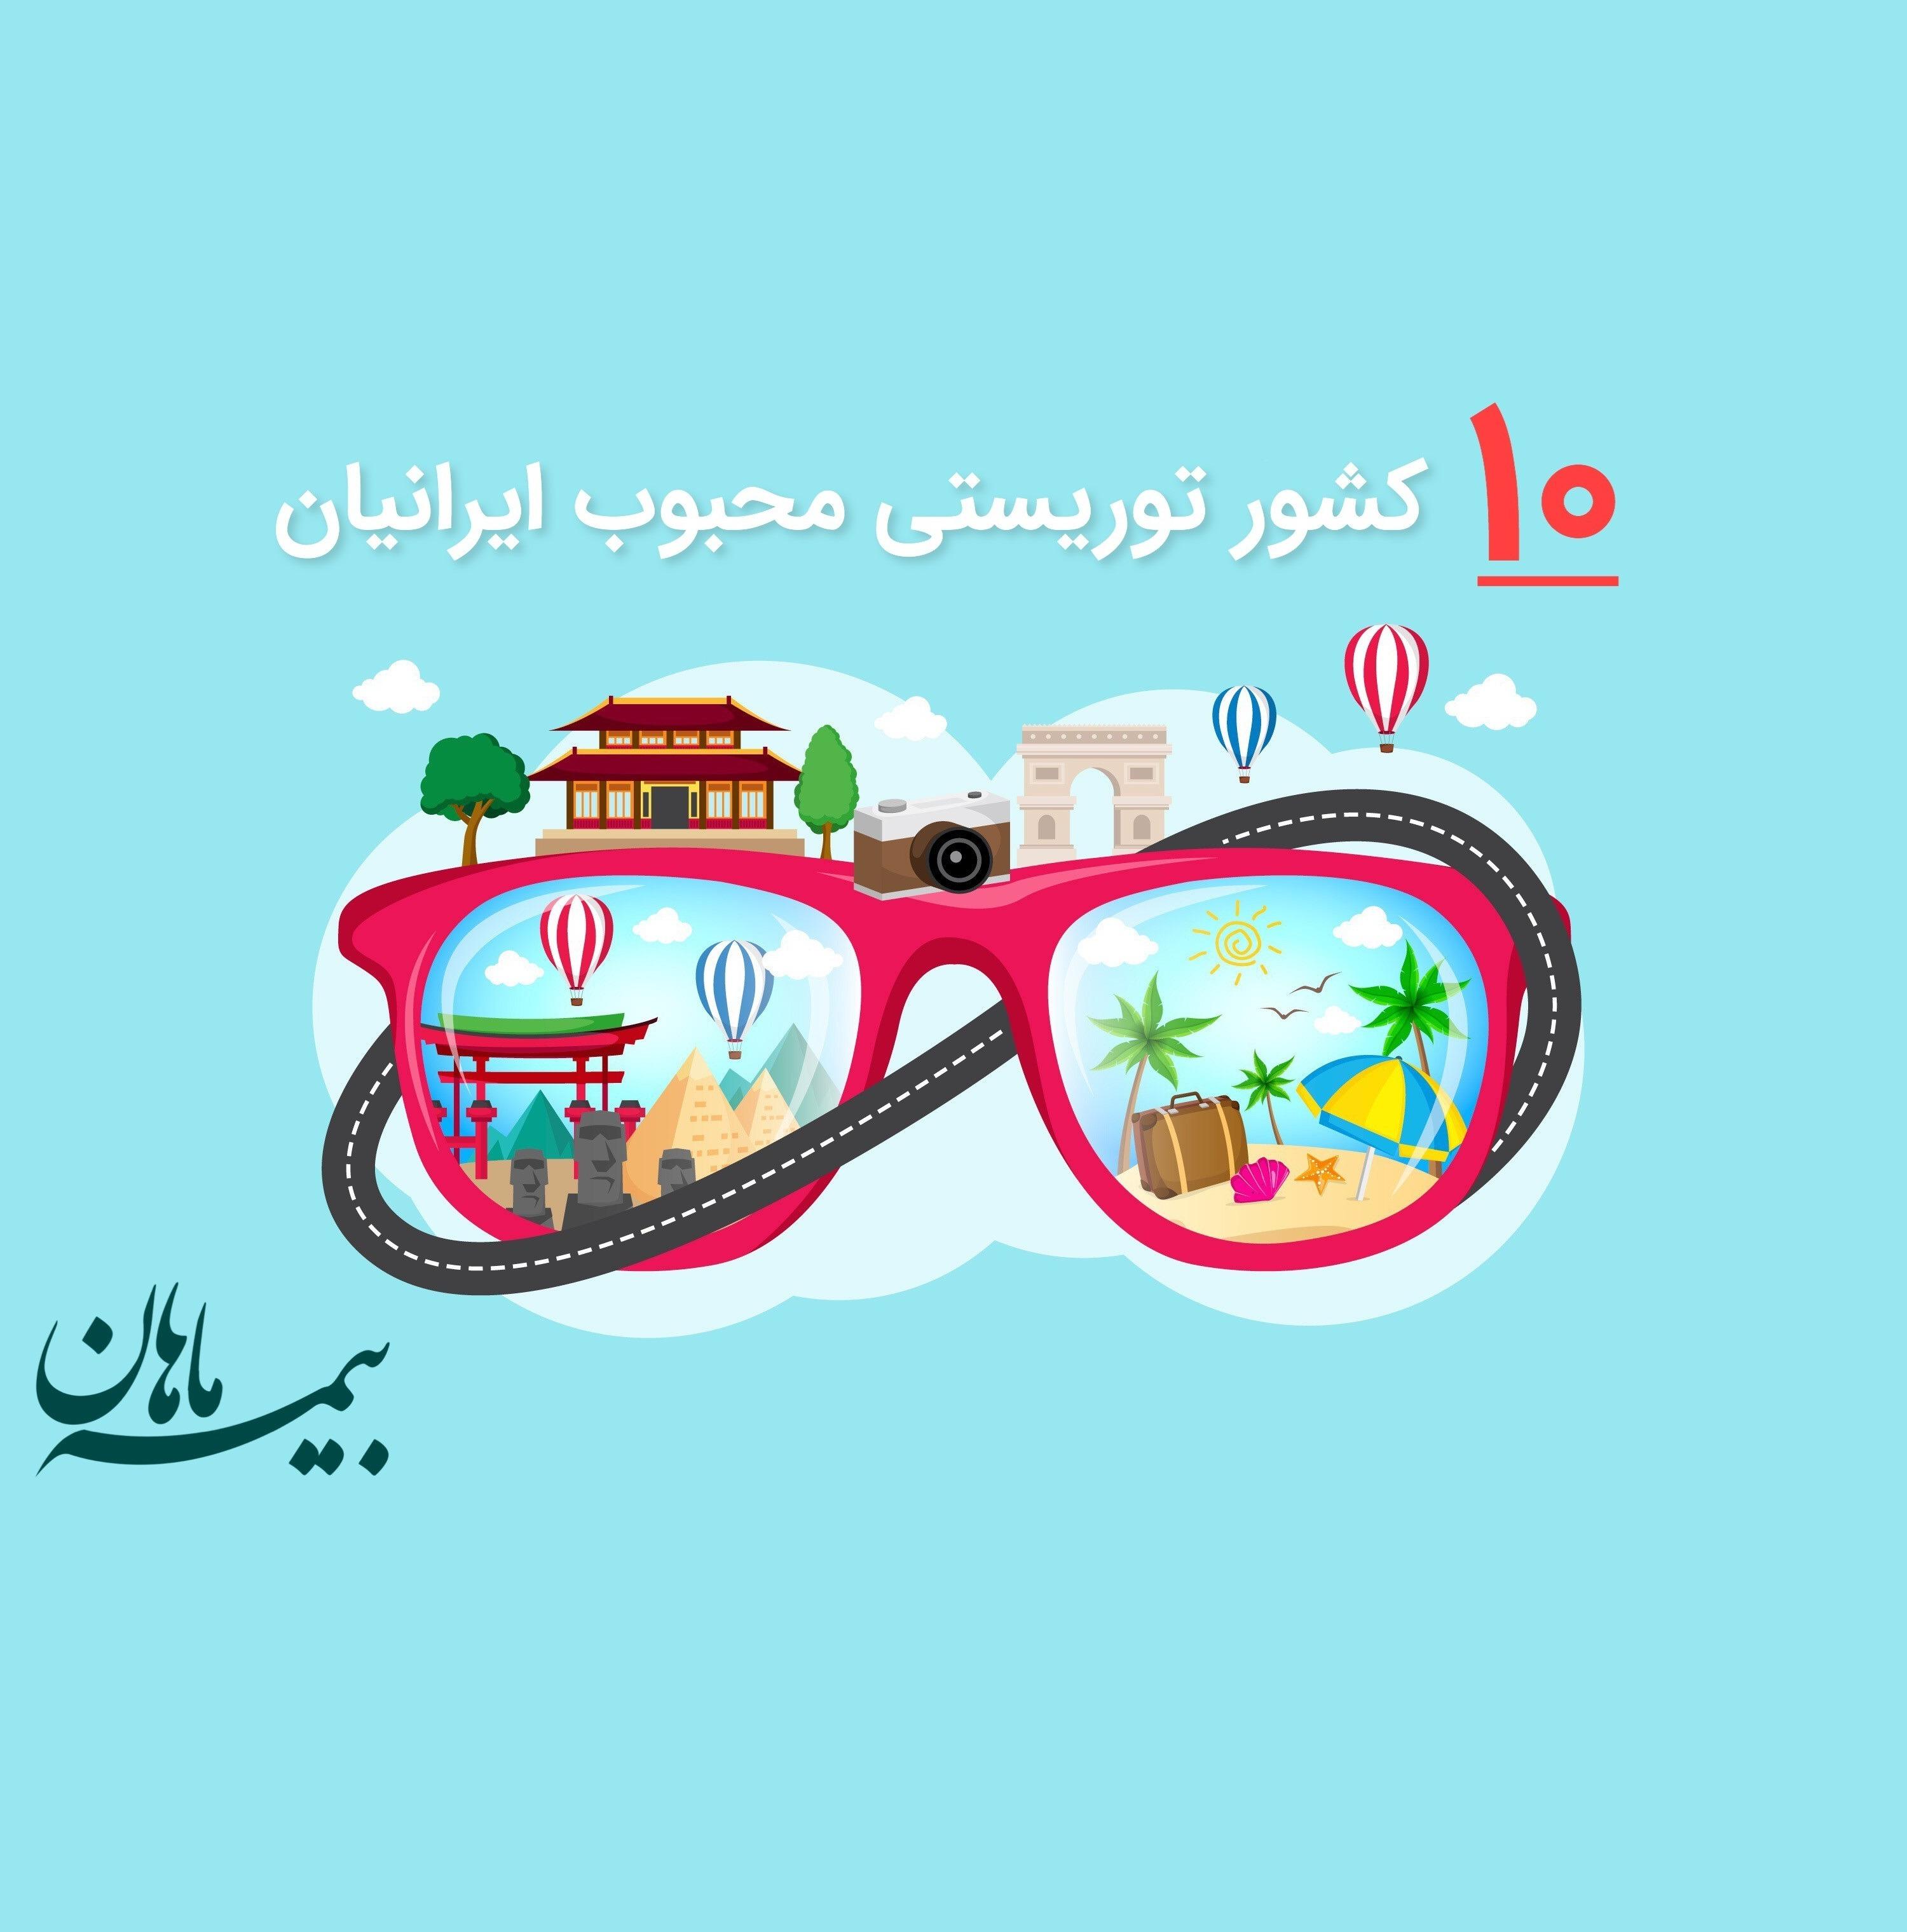 Photo of توریستی ترین کشورها – 10 کشور توریستی محبوب ایرانیان کدام است؟